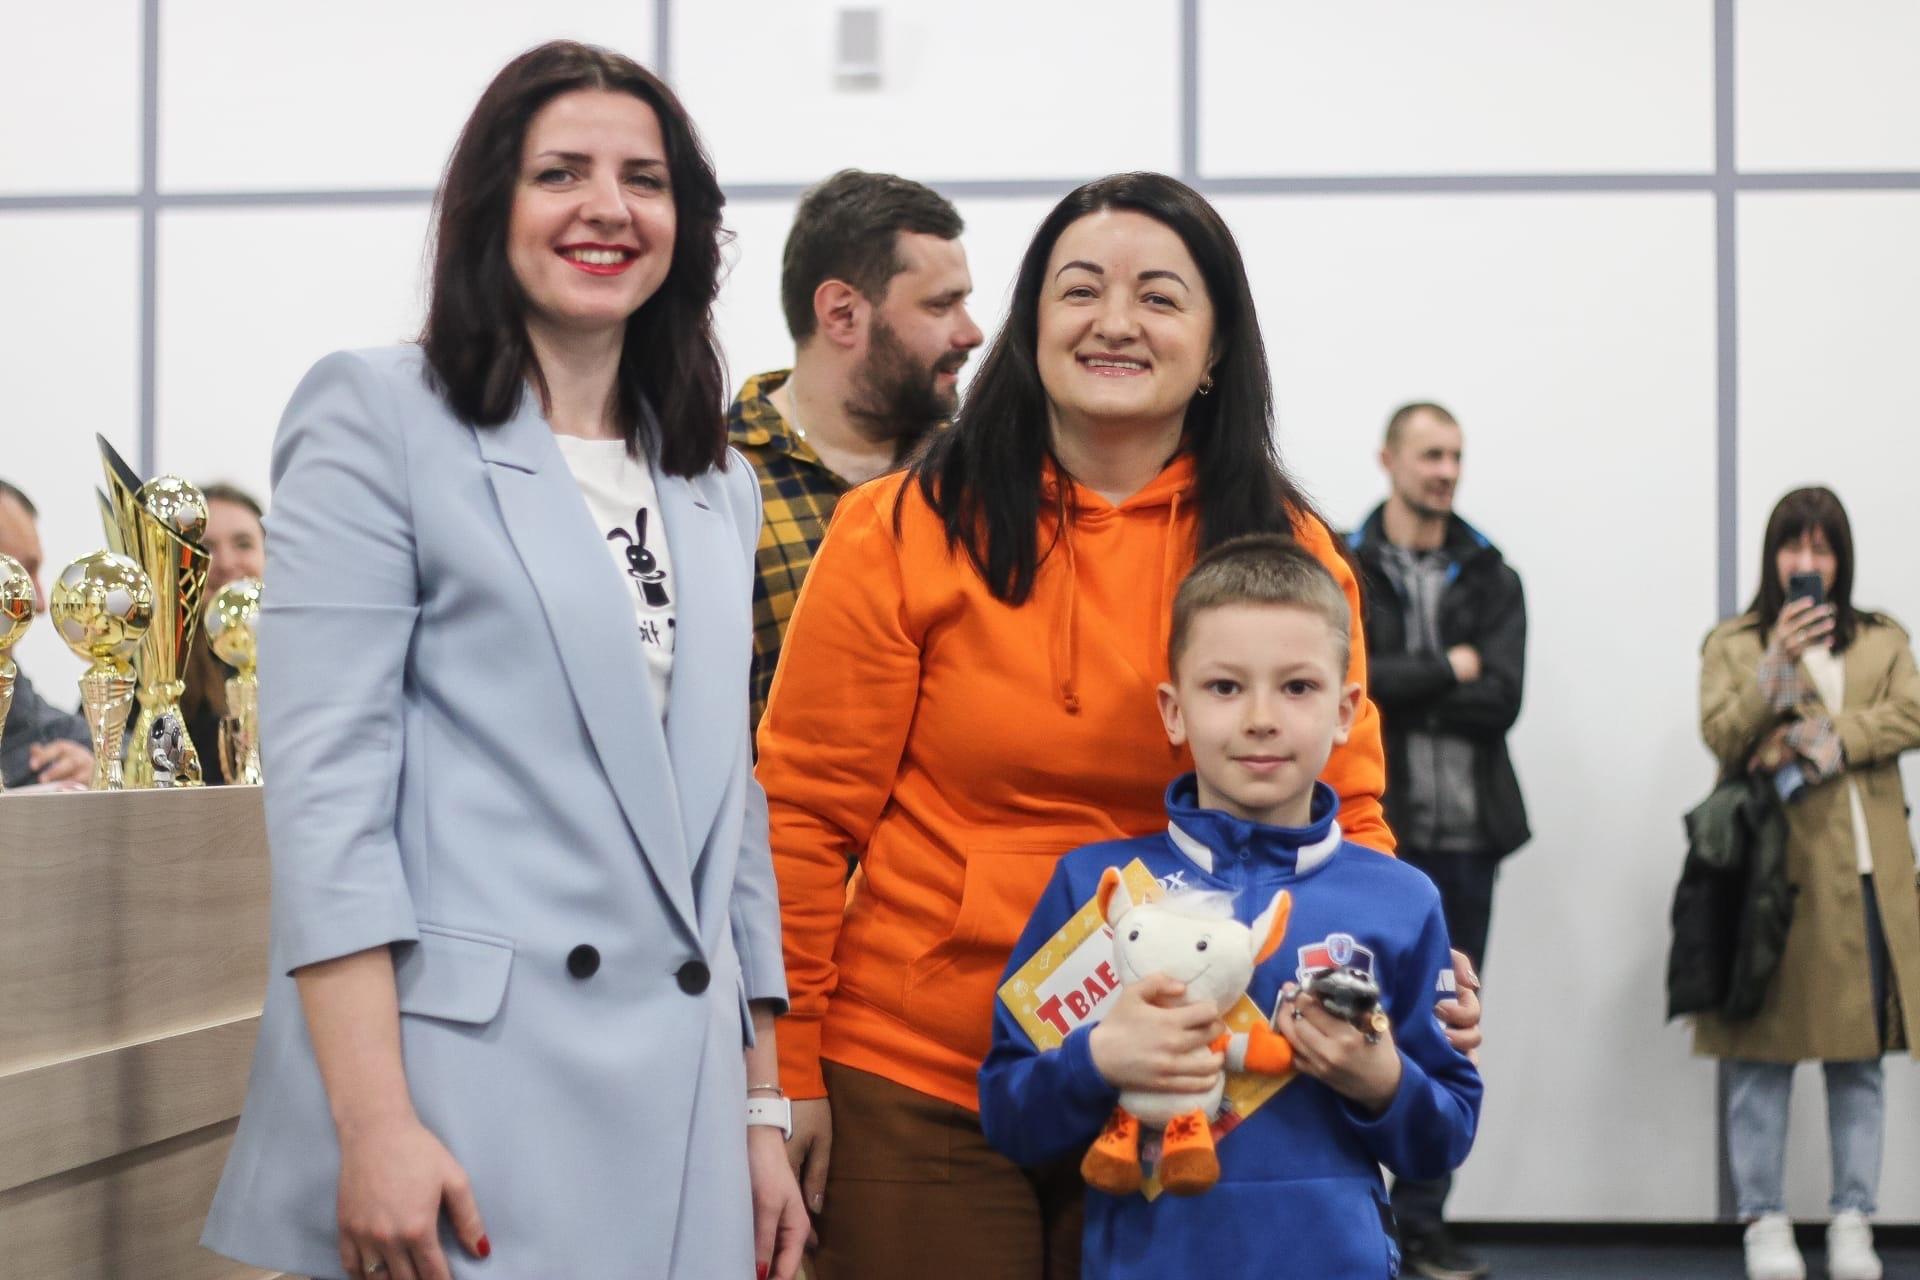 Даниэль Афанасьев — Лучший игрок Премьерлиги Юни 2014